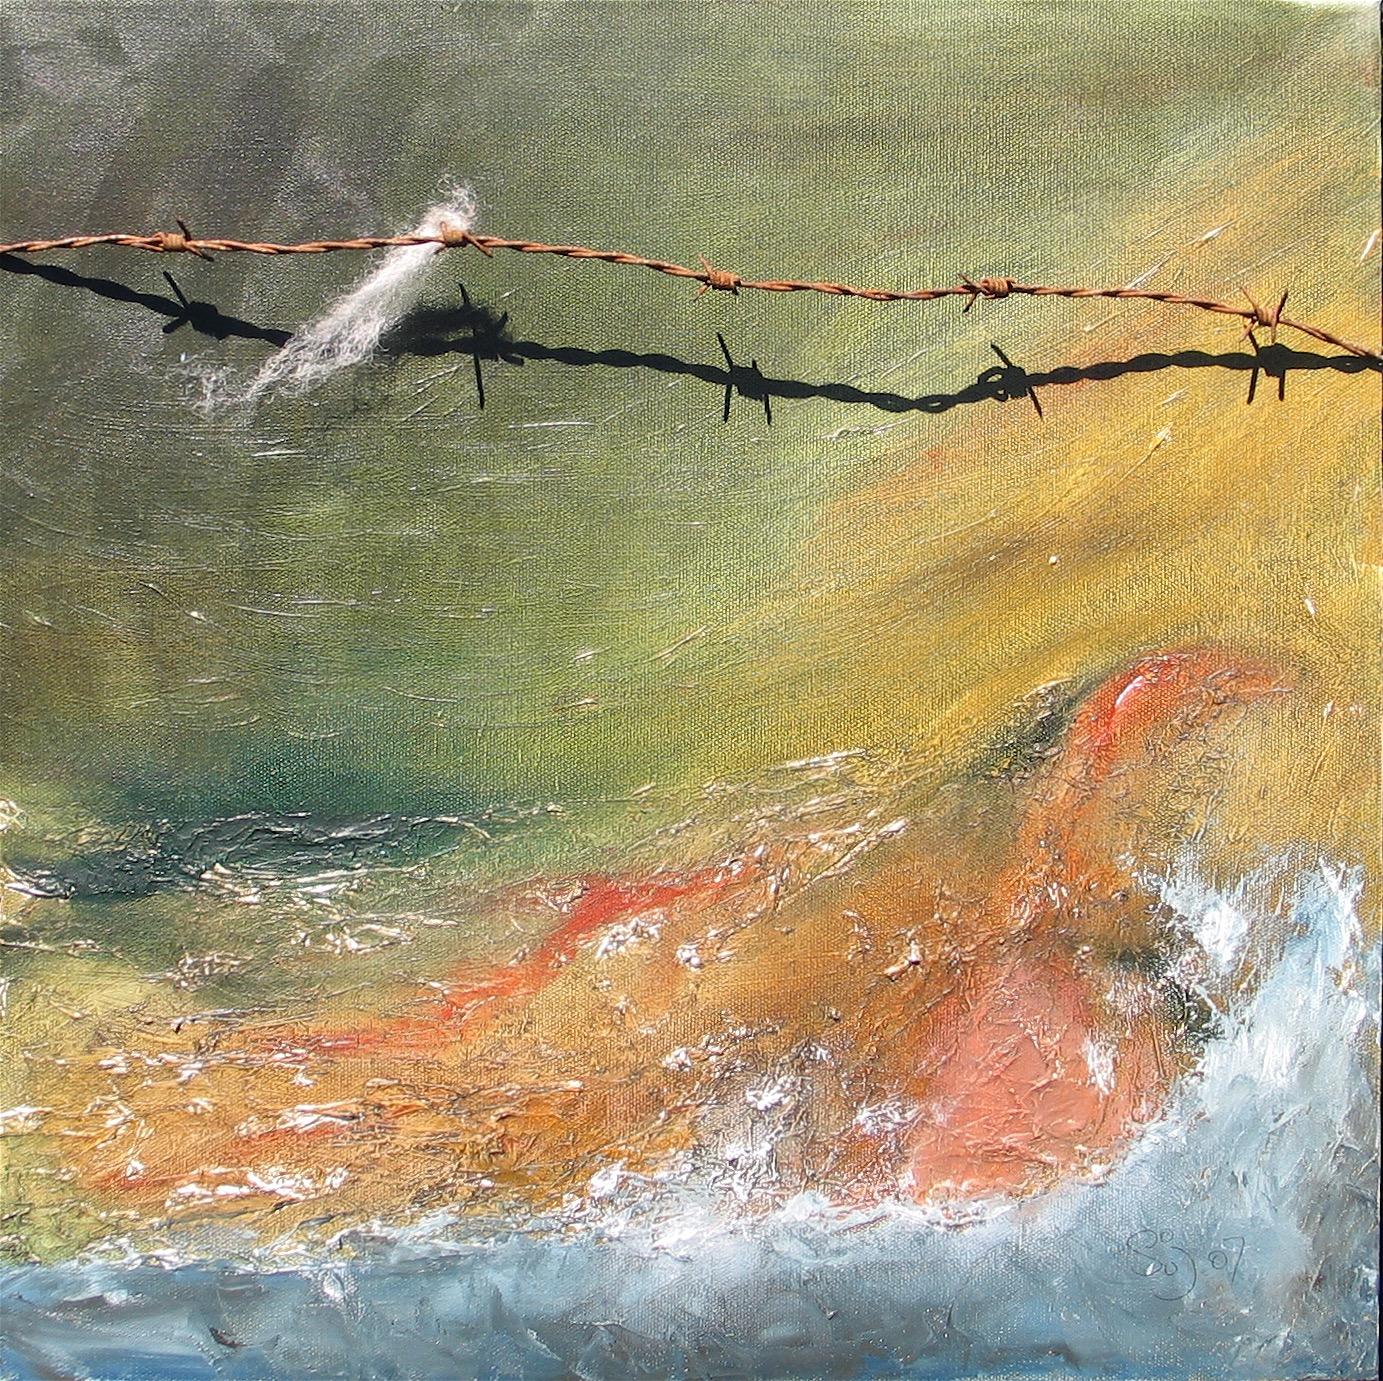 Lundy . Fastnet . Irish Sea : 45 X 45 cm oil on canvas